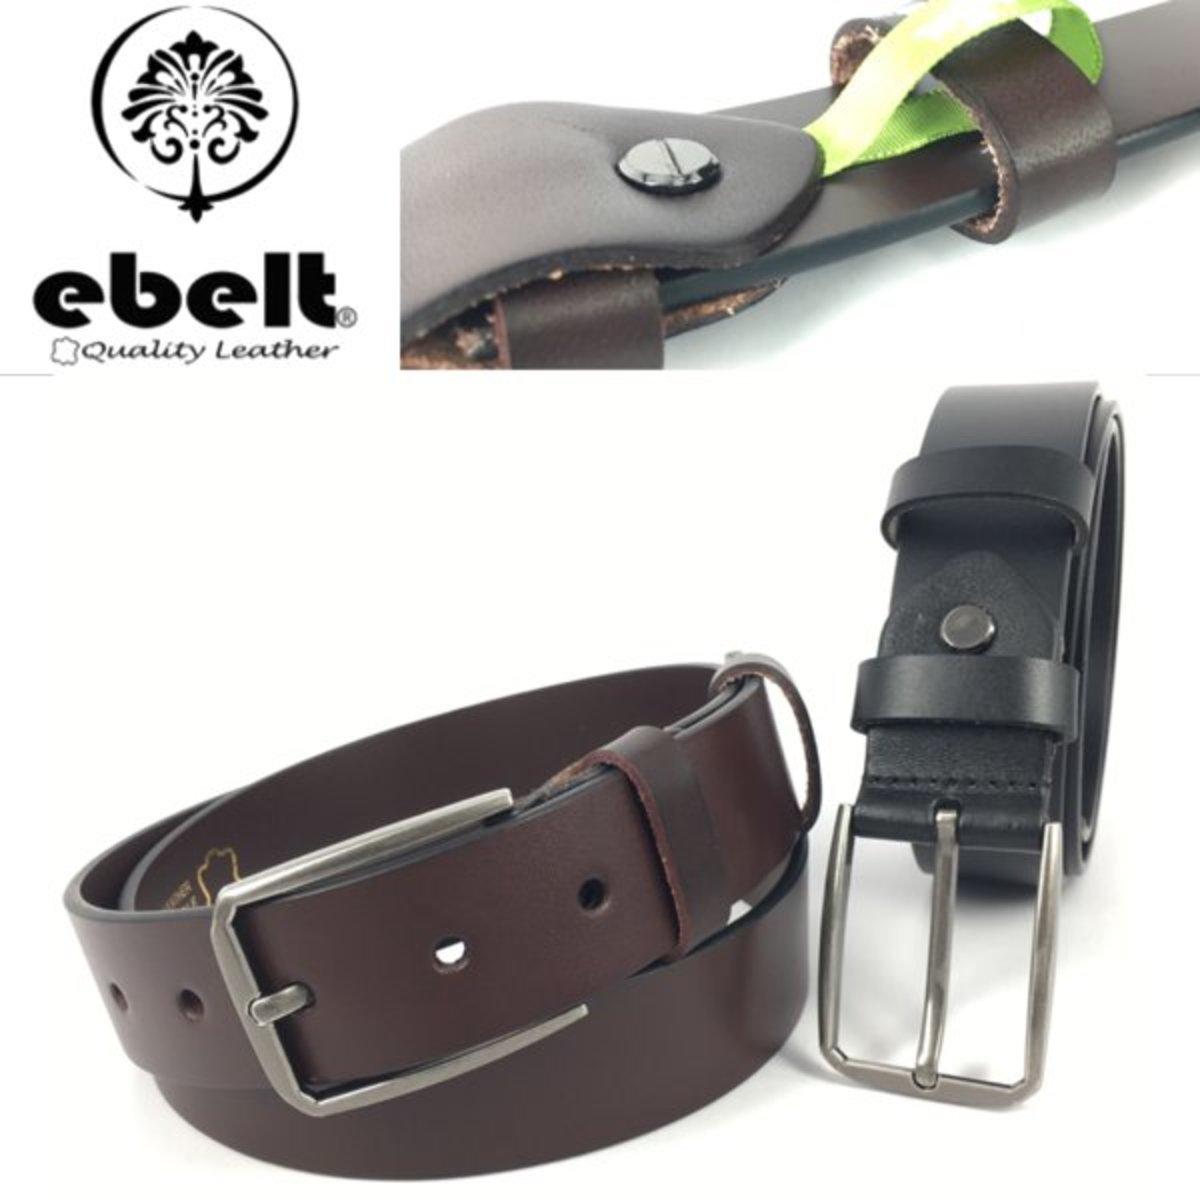 ebelt Full Grain Italian Cow Leather Belt 3.4cm - ebc0329